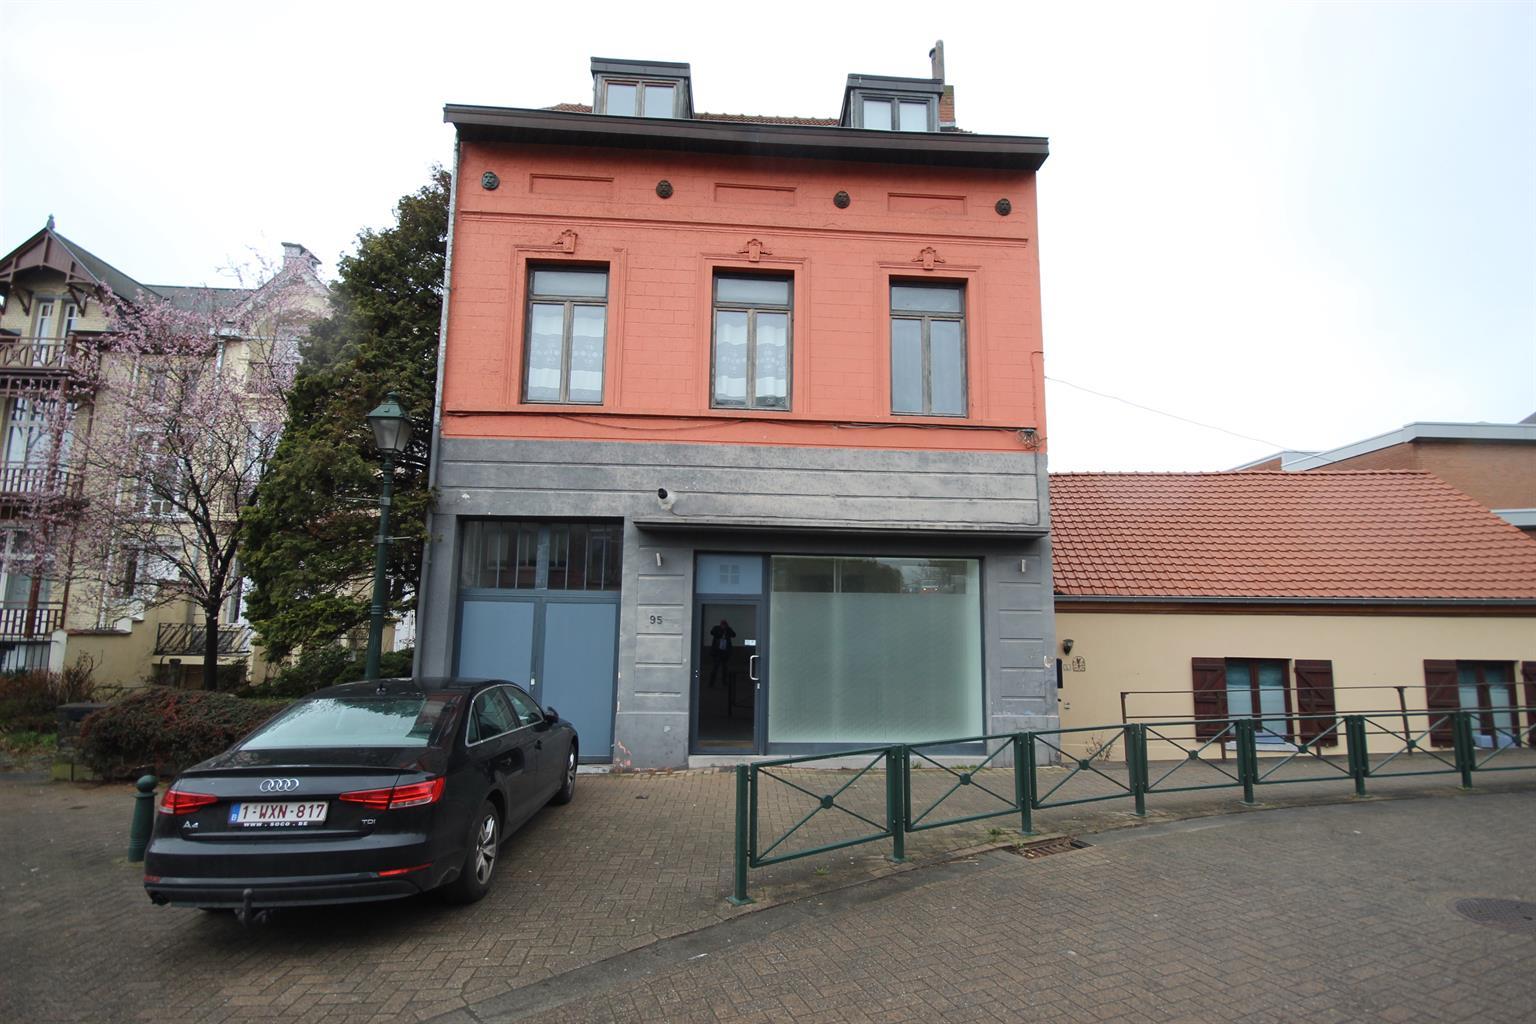 Appartement - Berchem-Sainte-Agathe - #4311497-6